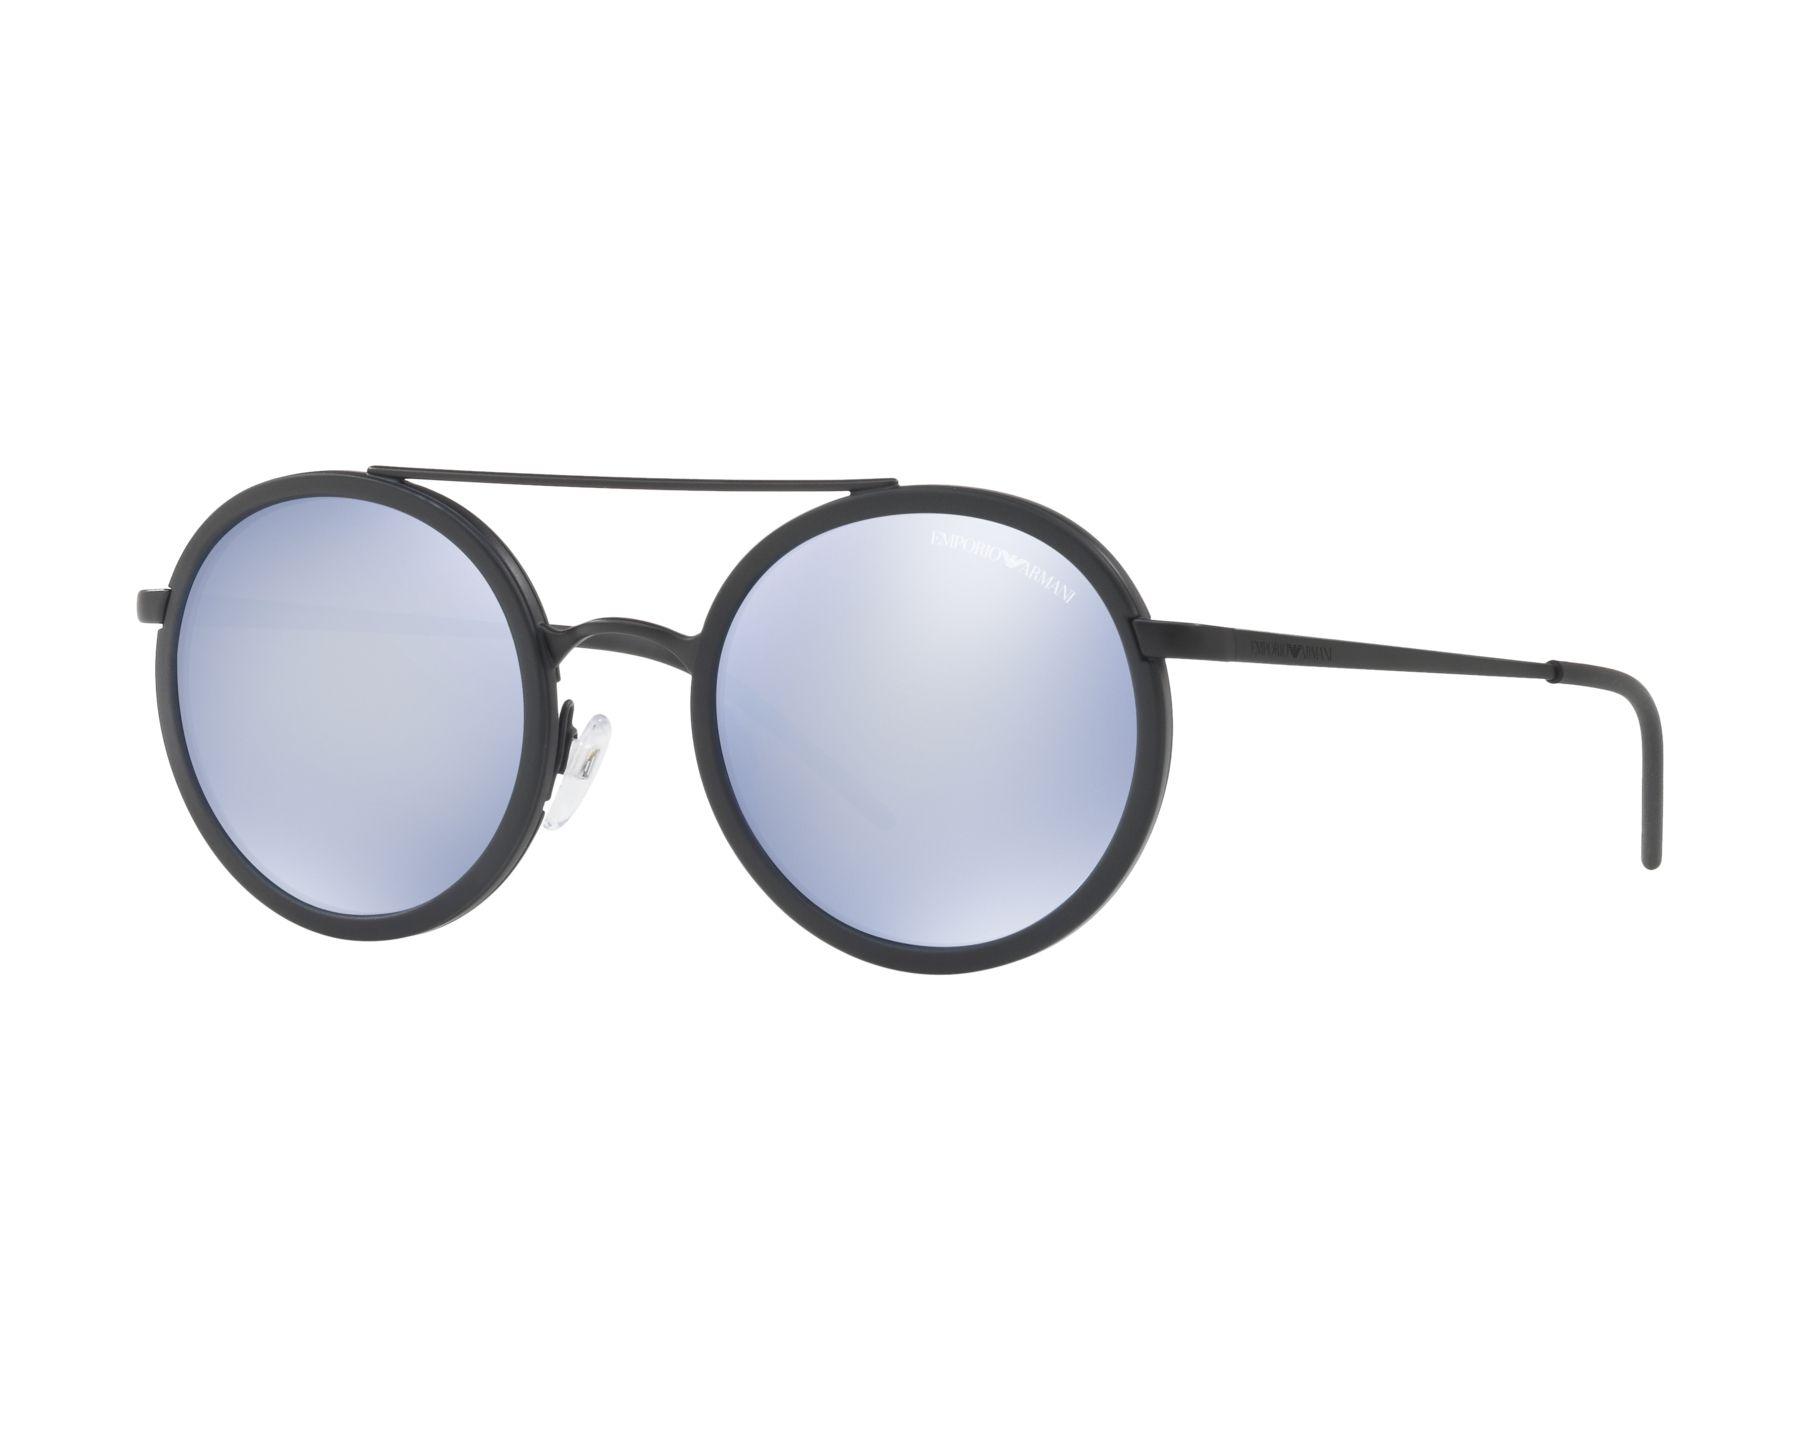 Emporio Armani EA2041 3001/1U Sonnenbrille Hb6E6